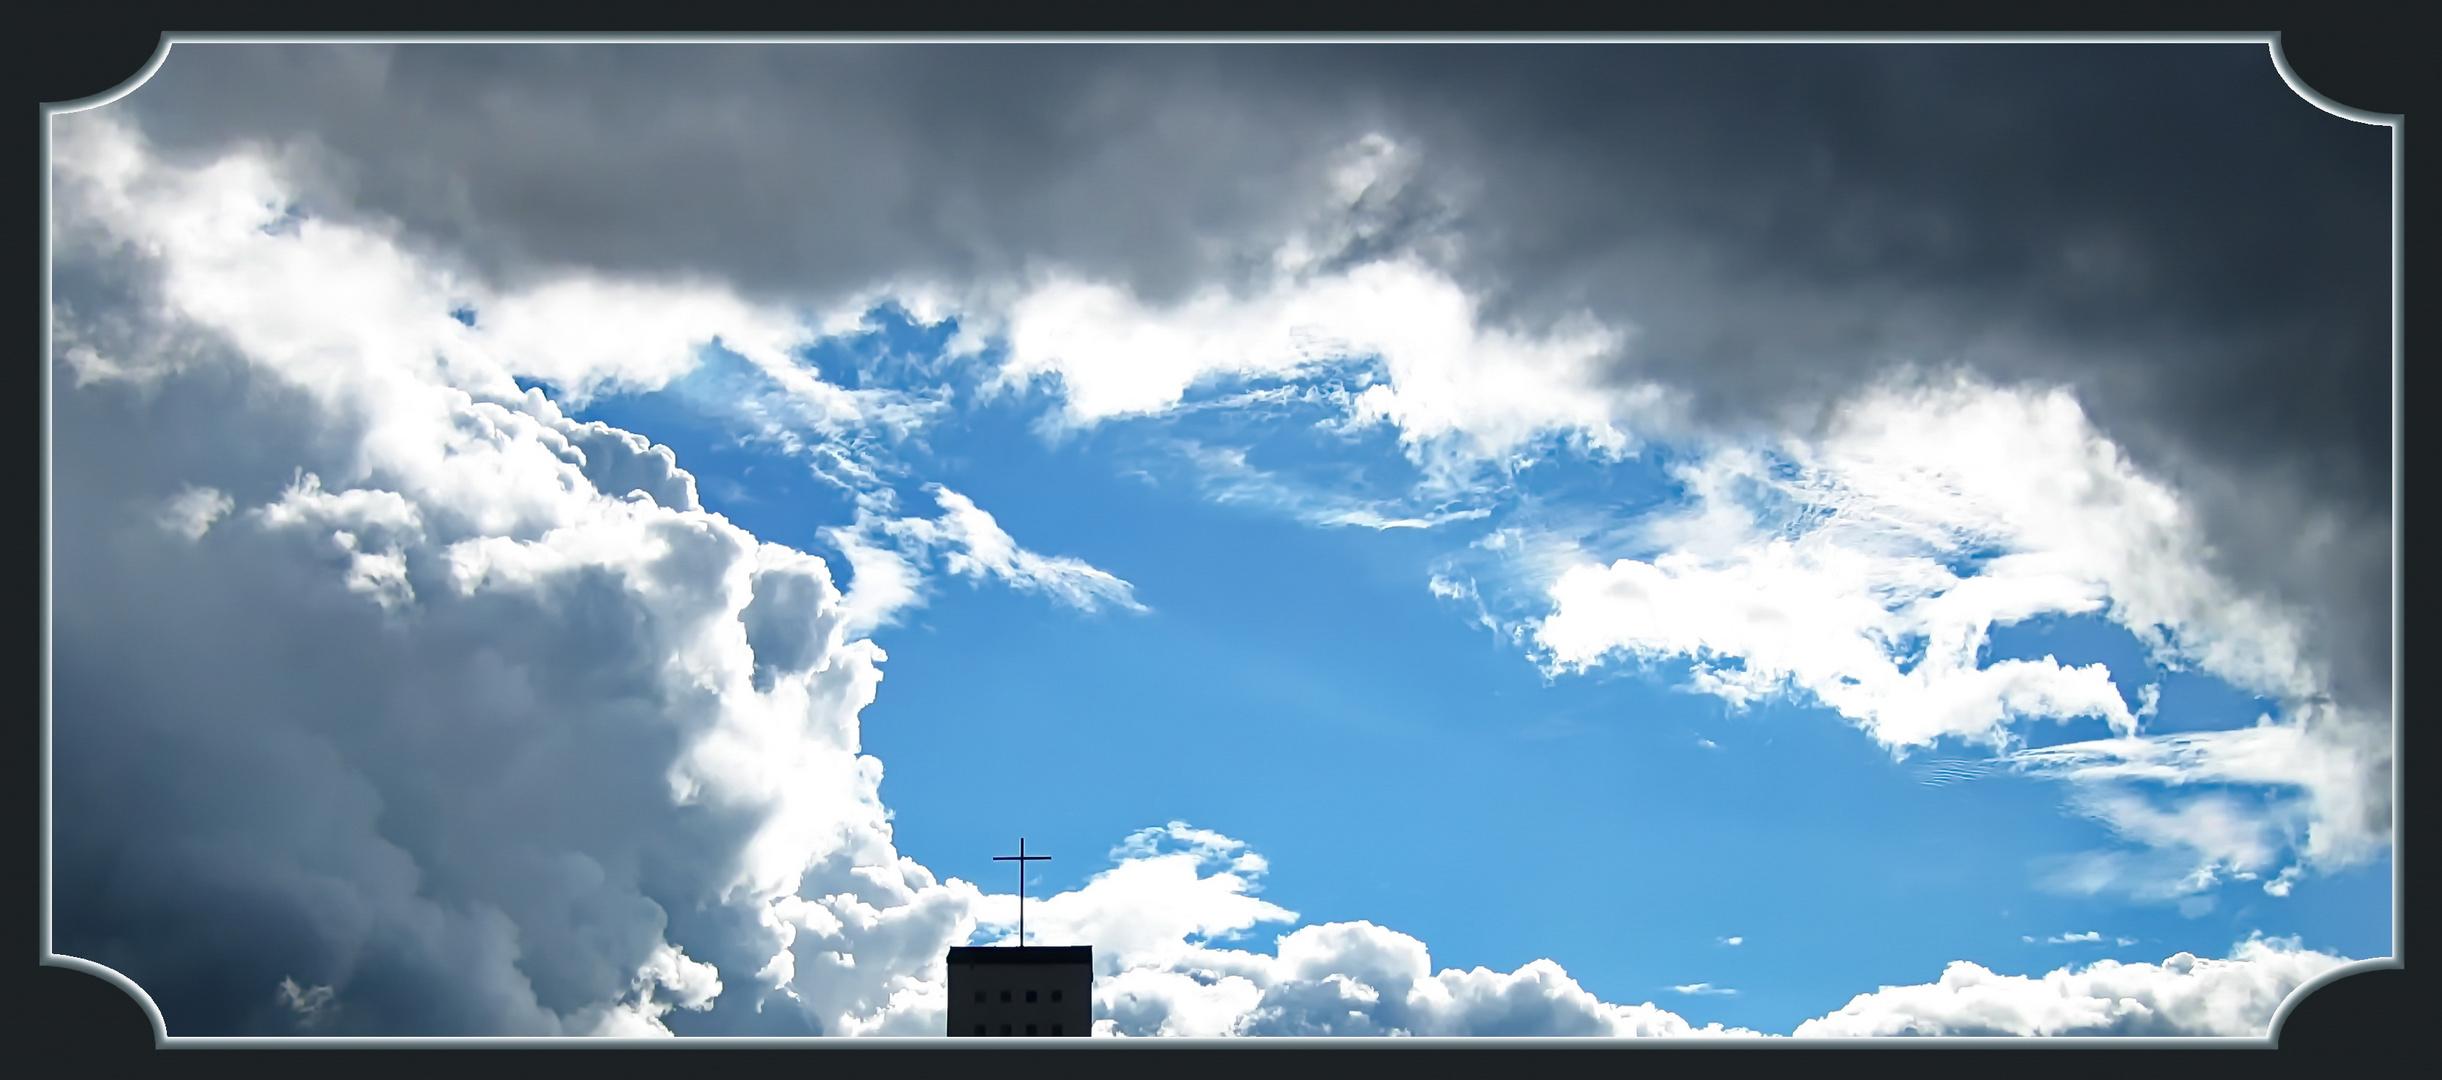 Meine Sammlung ... Wolken - Gebilde